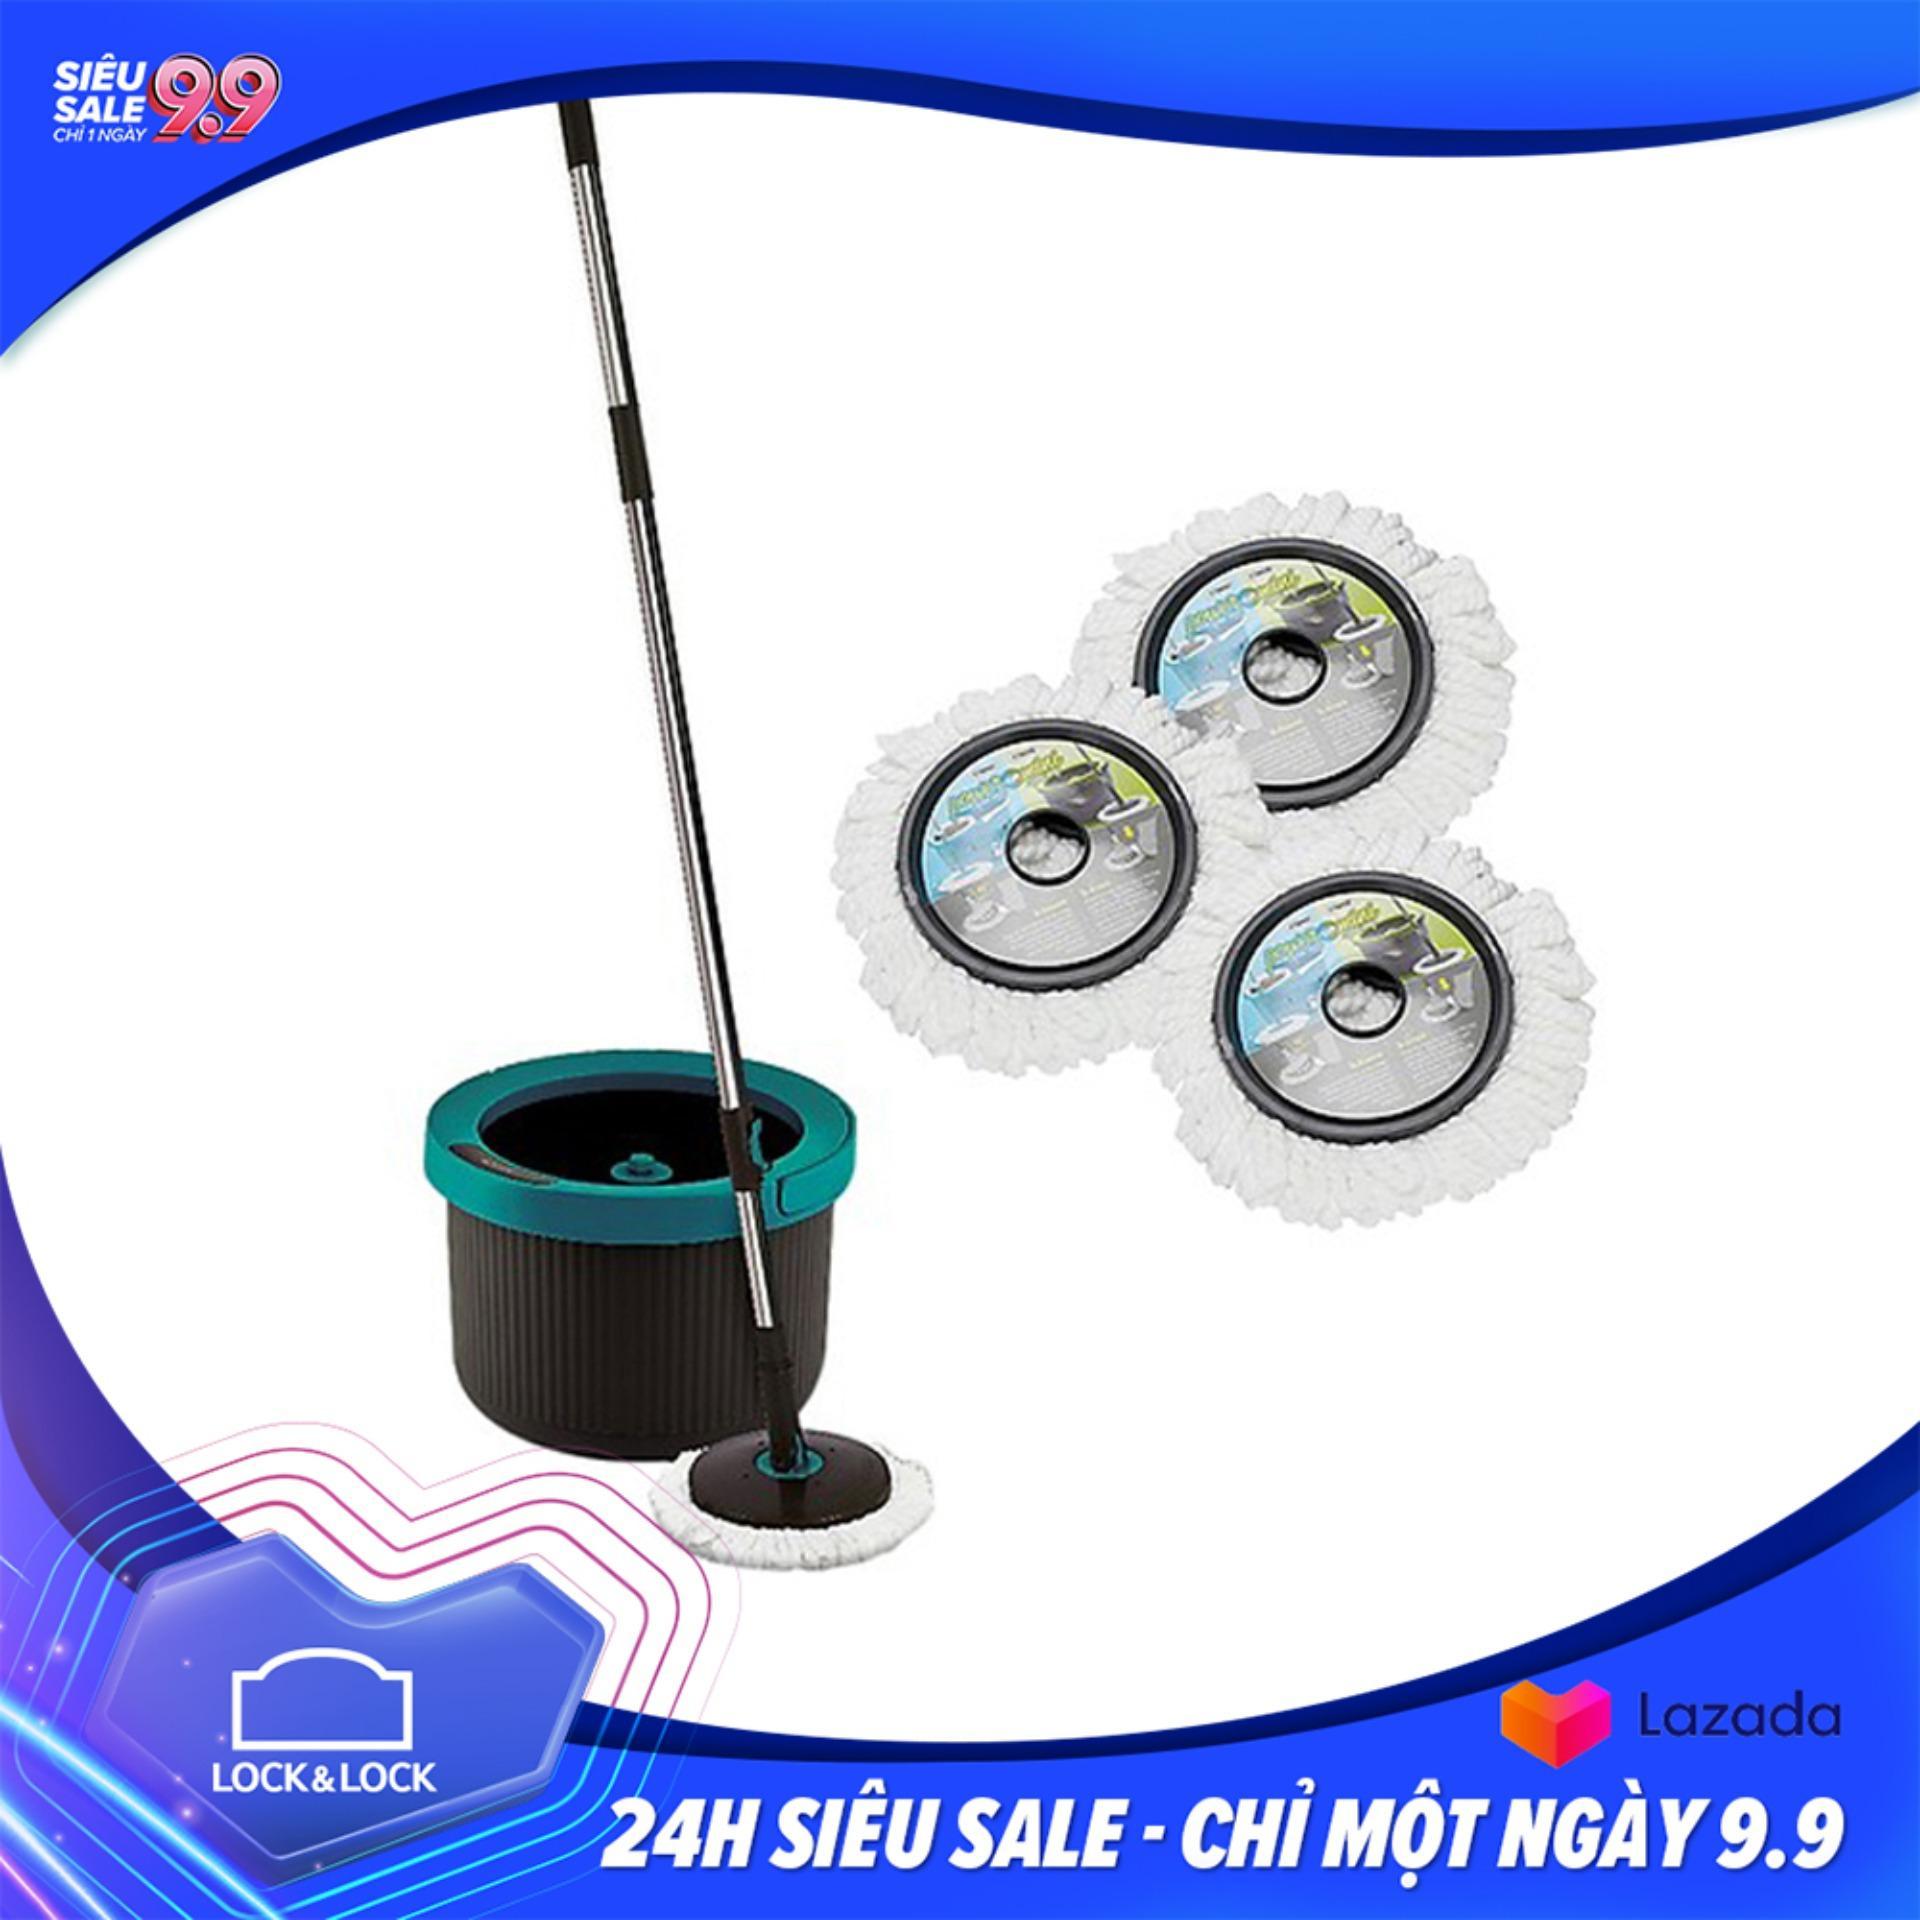 Bộ Cây Lau Nhà 360 Độ Mini Twister Màu xanh+...